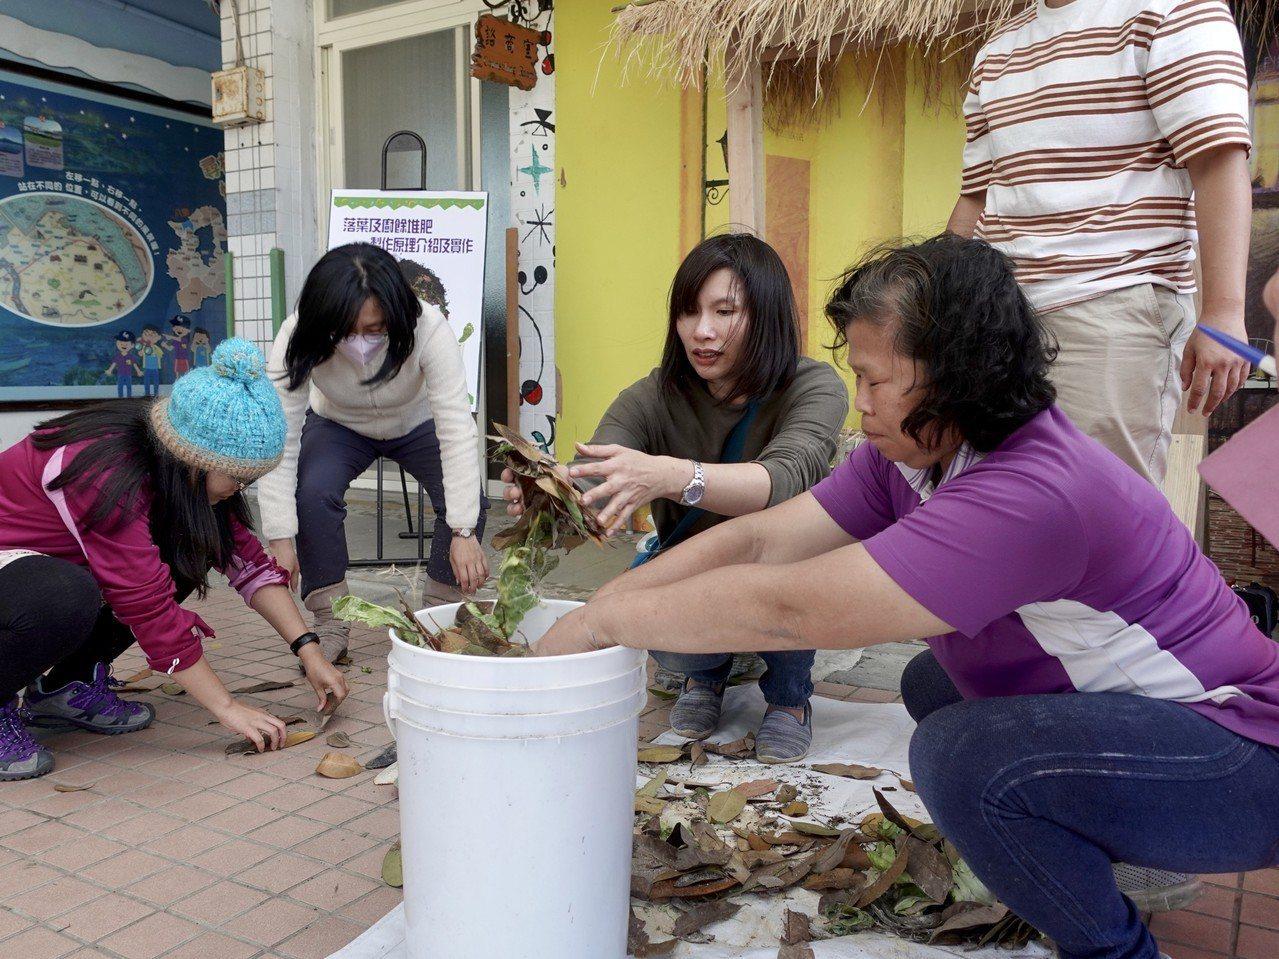 新北八里長坑國小工友示範以小型廚餘桶製作堆肥。圖/環保局提供